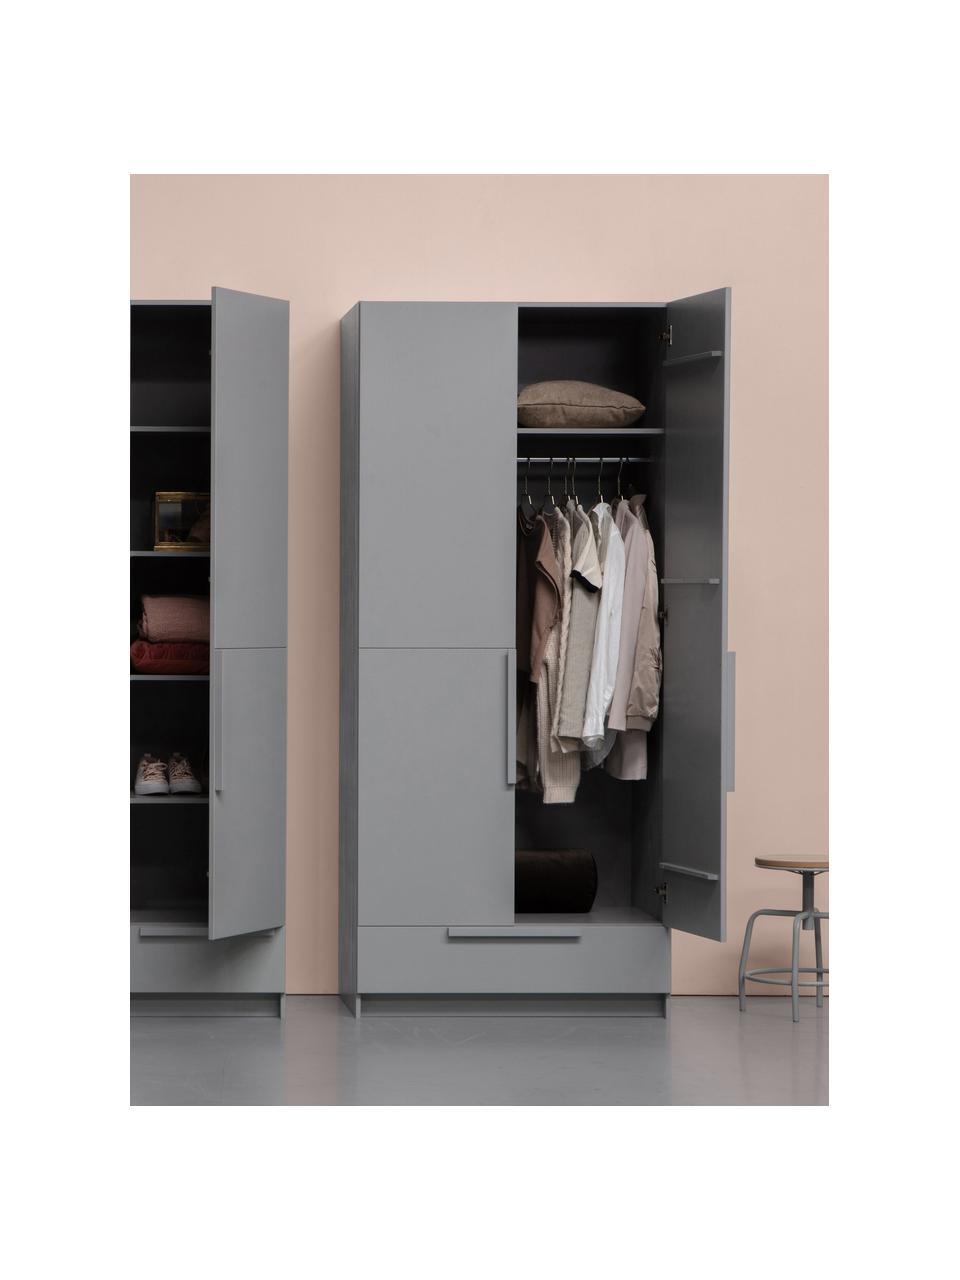 Kleiderschrank Pure in Grau, Kiefernholz, beschichtet, Grau, 95 x 215 cm